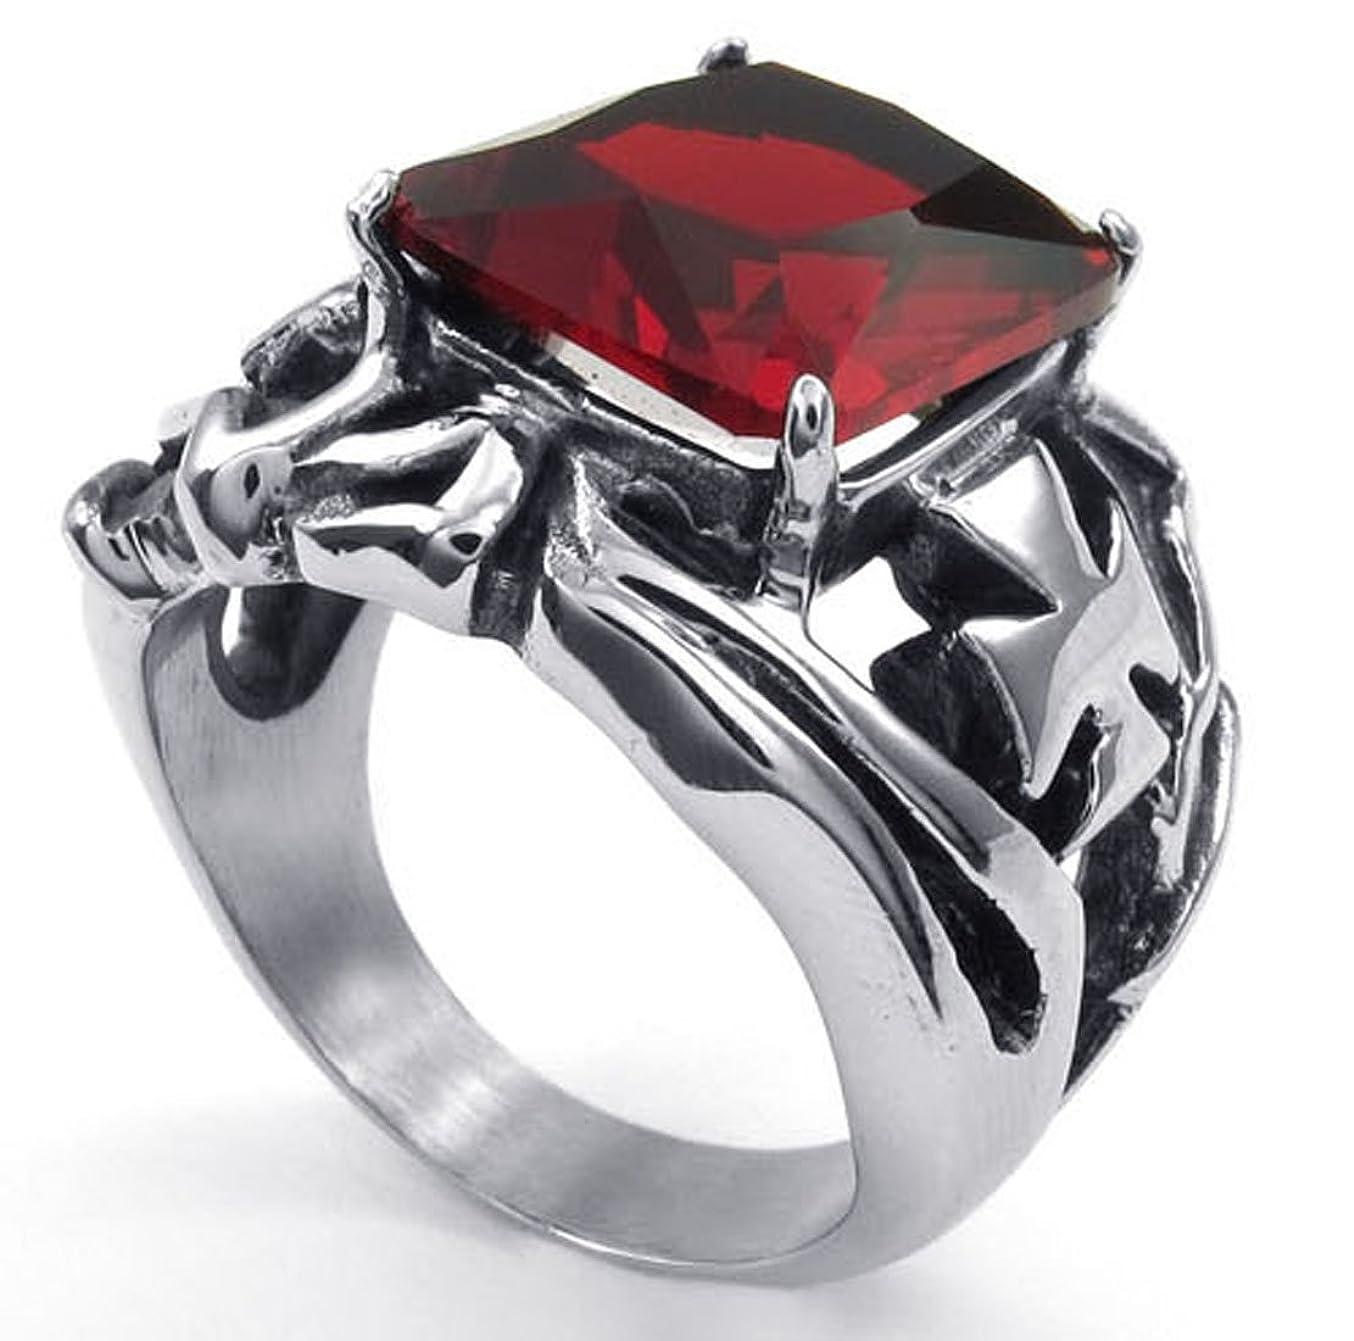 ミット金曜日シャイPW 高品質チタンとステンレス 赤宝石指輪 23482 【ラッピング対応】